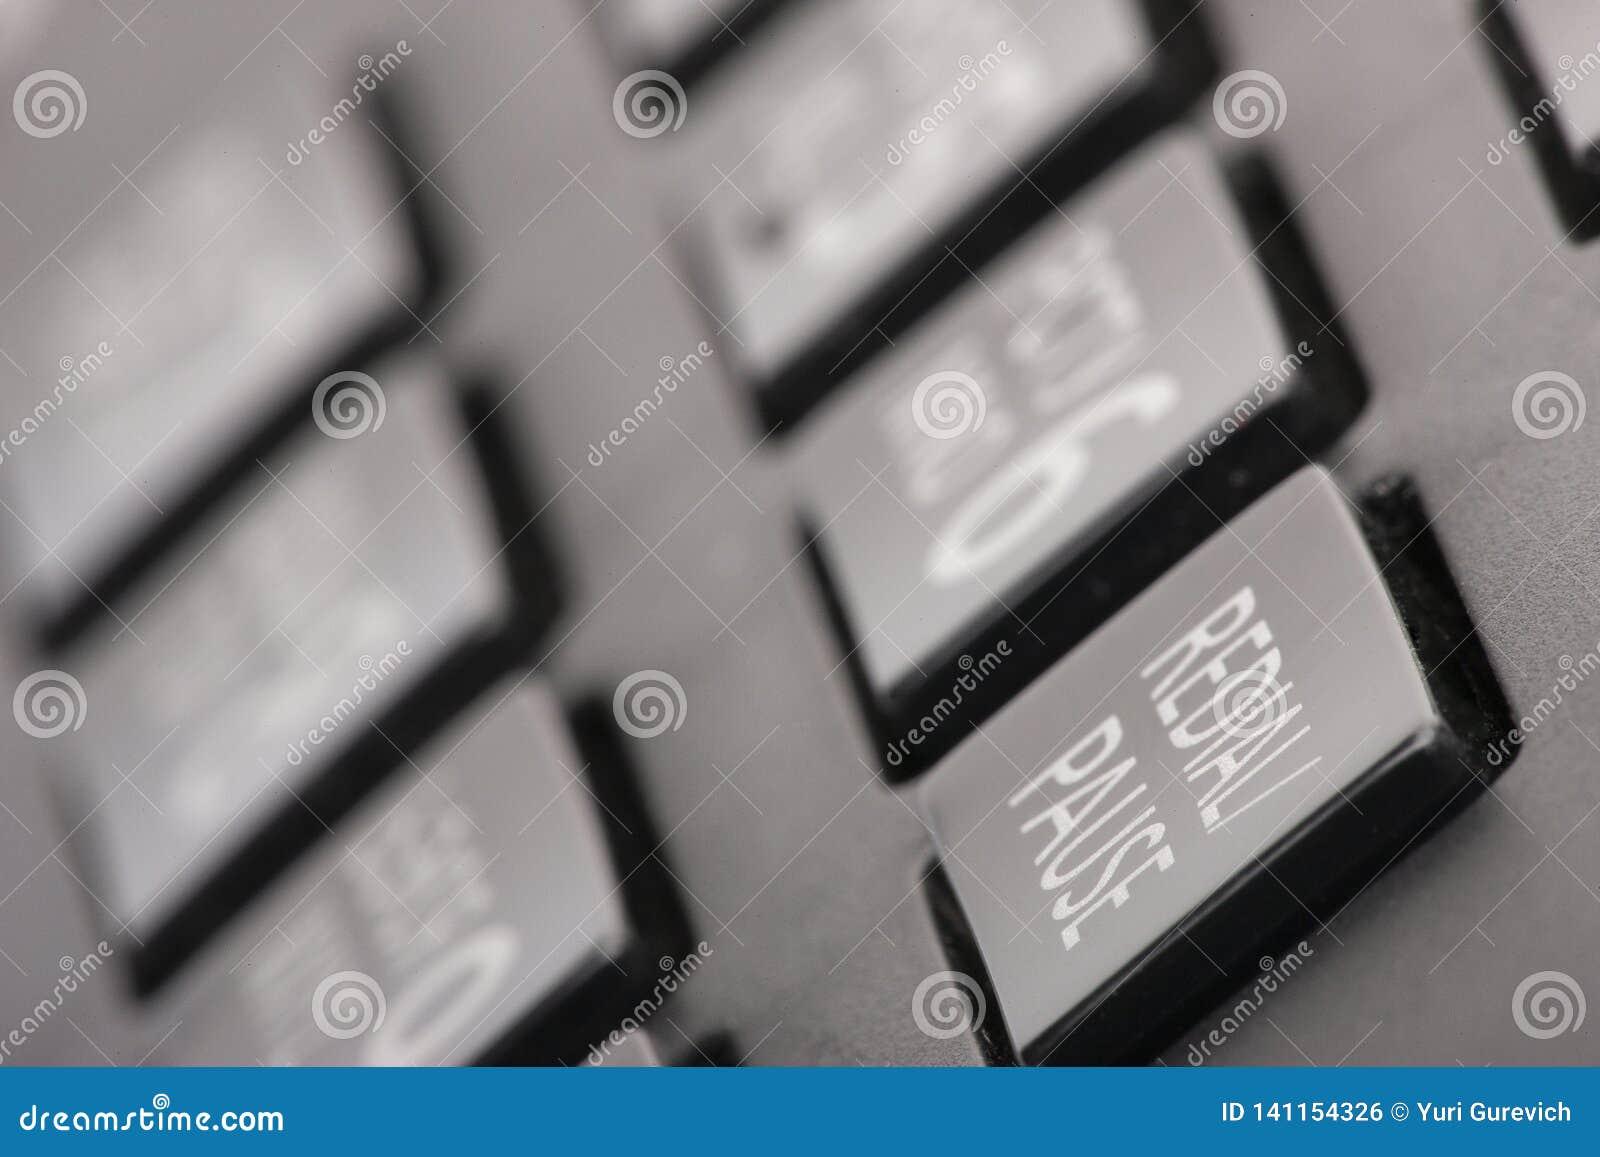 Discando o conceito do teclado do telefone para uma comunicação, contacte nos e o apoio de serviço ao cliente